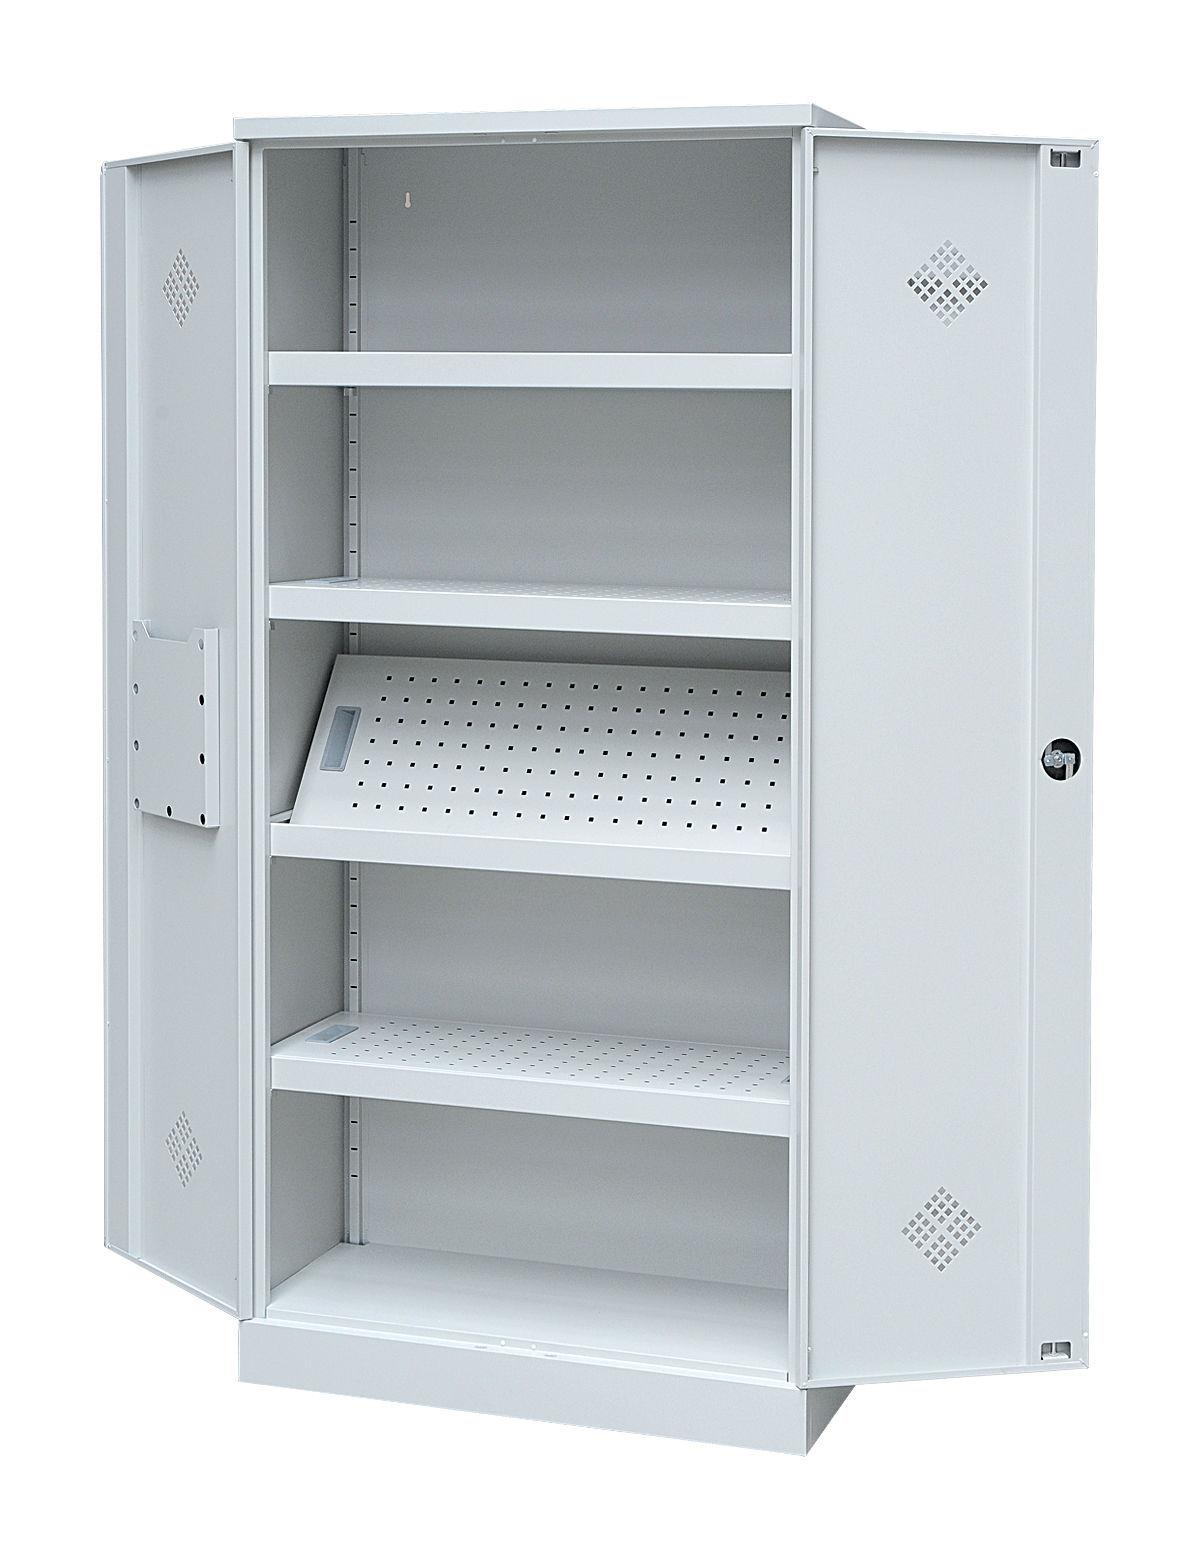 gs gefahrenstoffschrank chemikalienschrank sicherheitsschrank laborschrank grau ebay. Black Bedroom Furniture Sets. Home Design Ideas